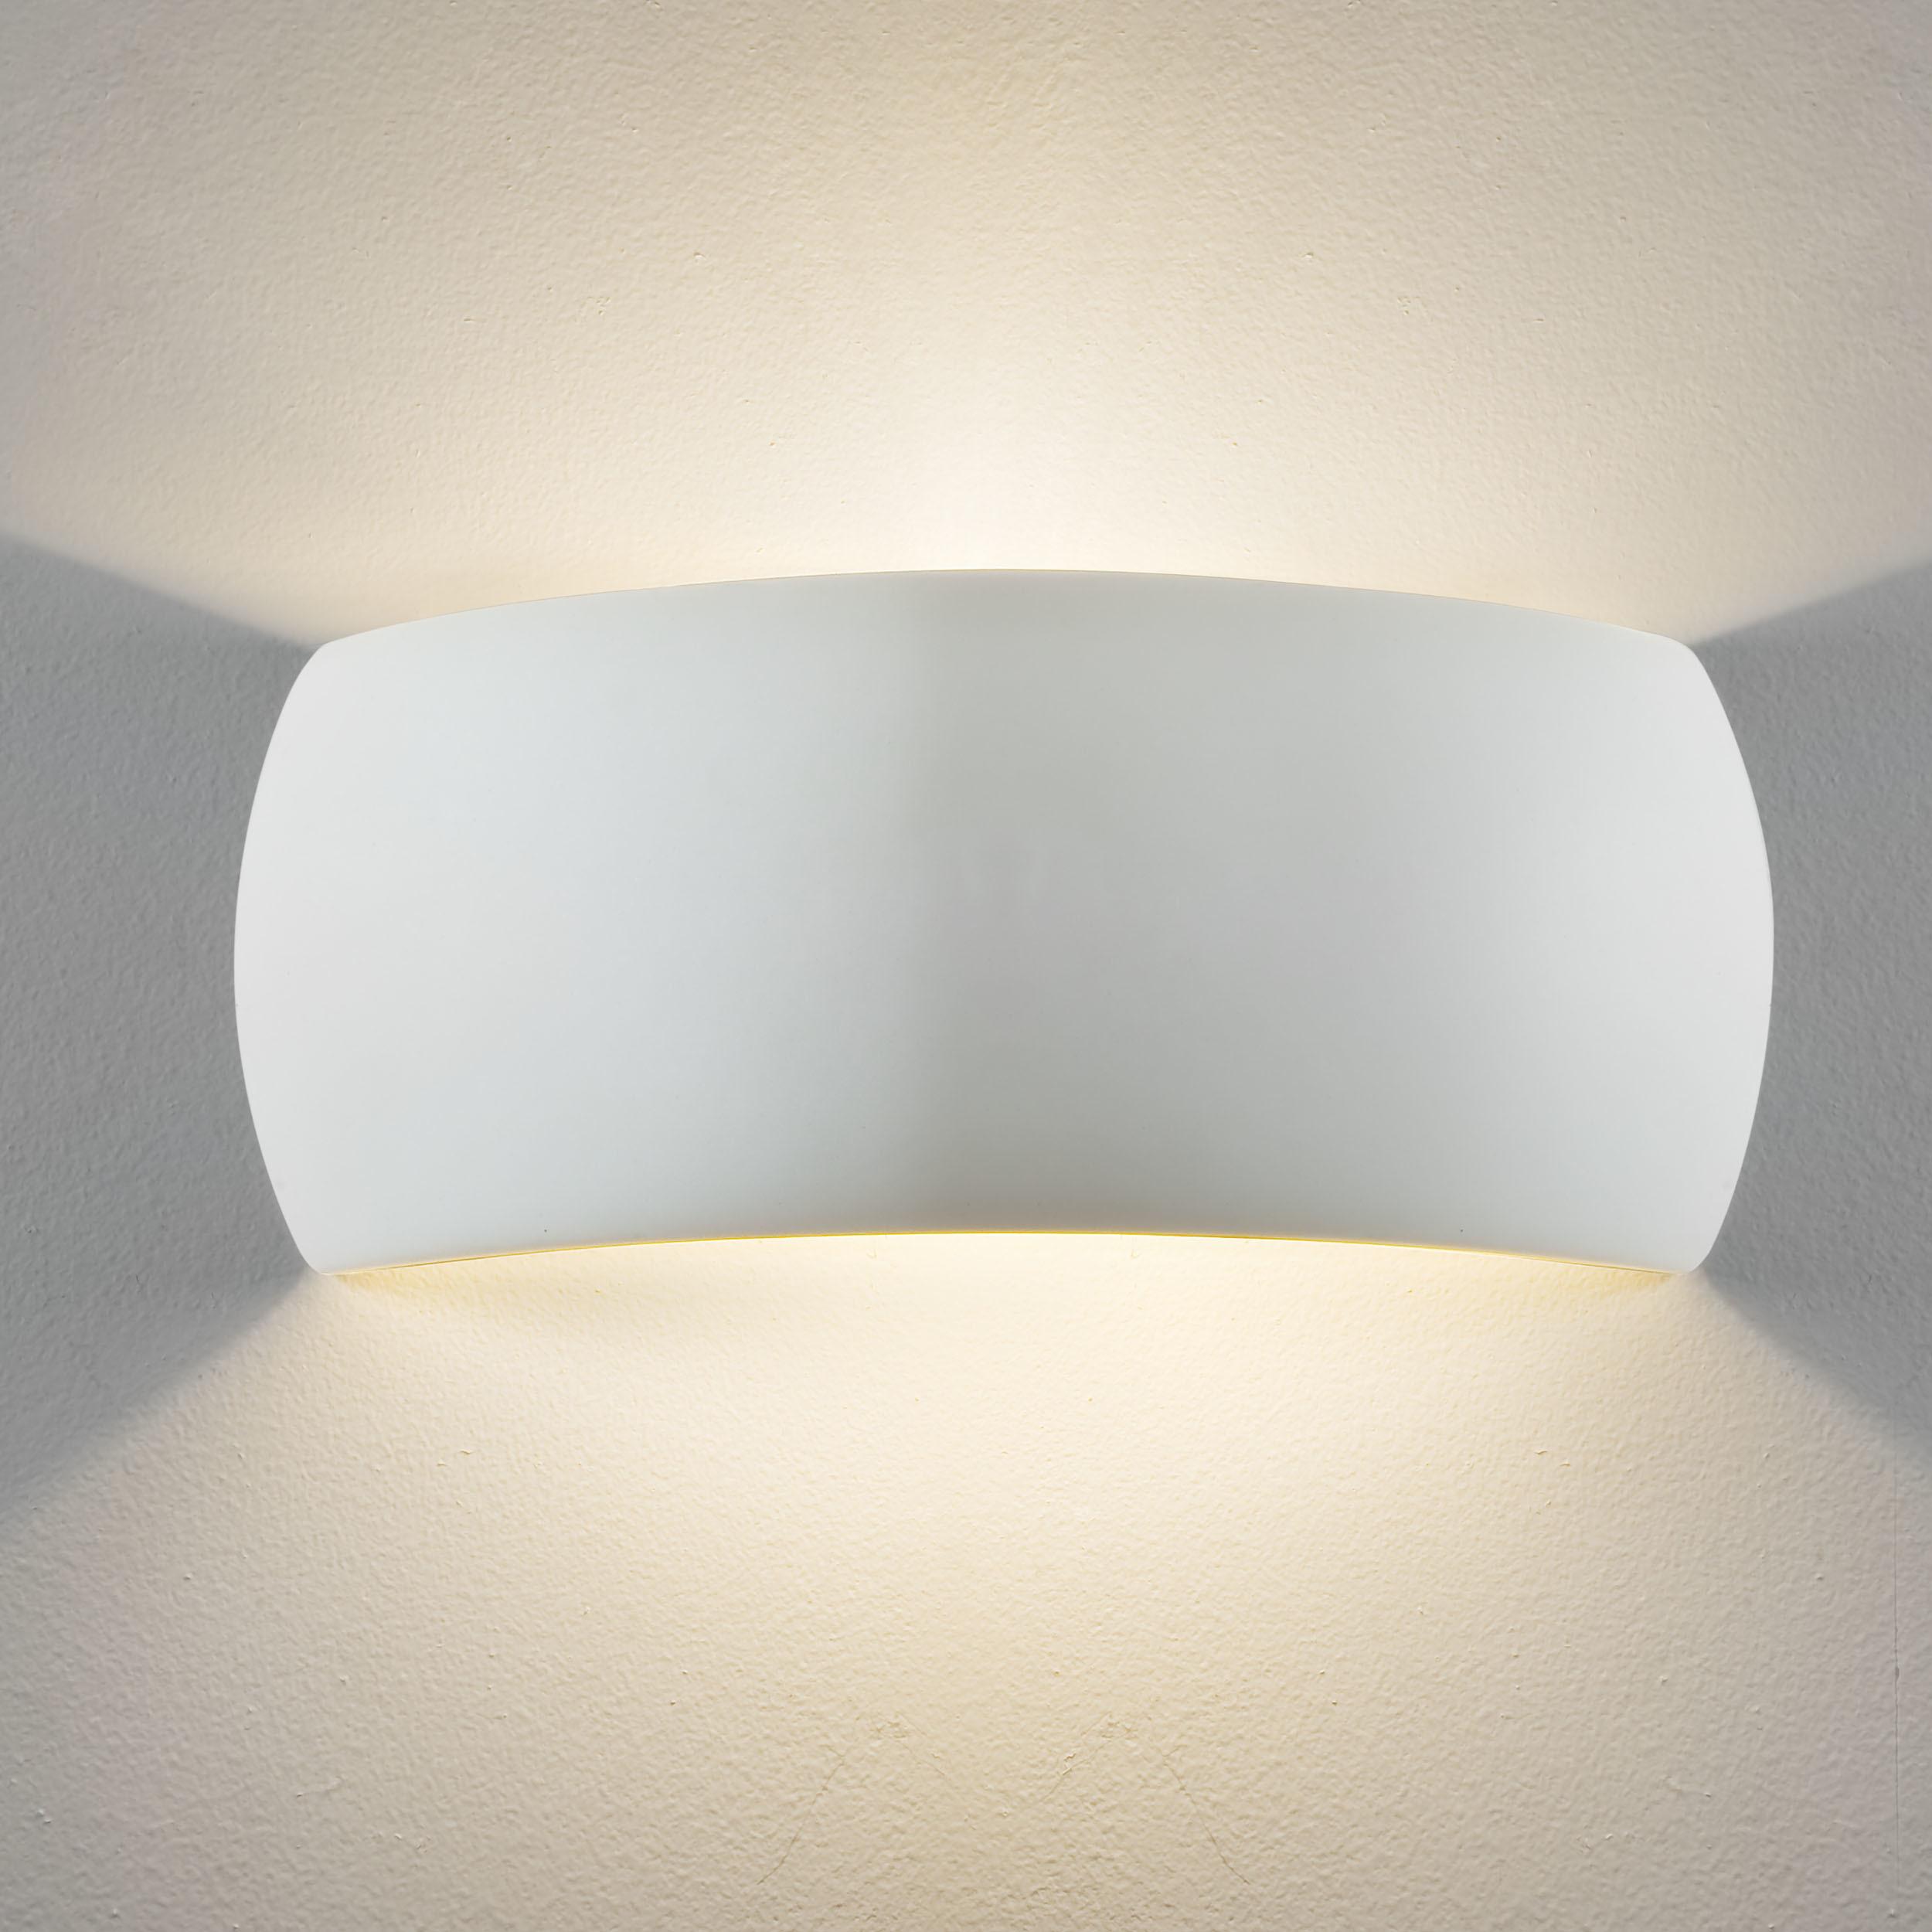 Настенный светильник Astro Milo 1299001 (7073), 1xE27x60W, белый, под покраску, керамика - фото 1